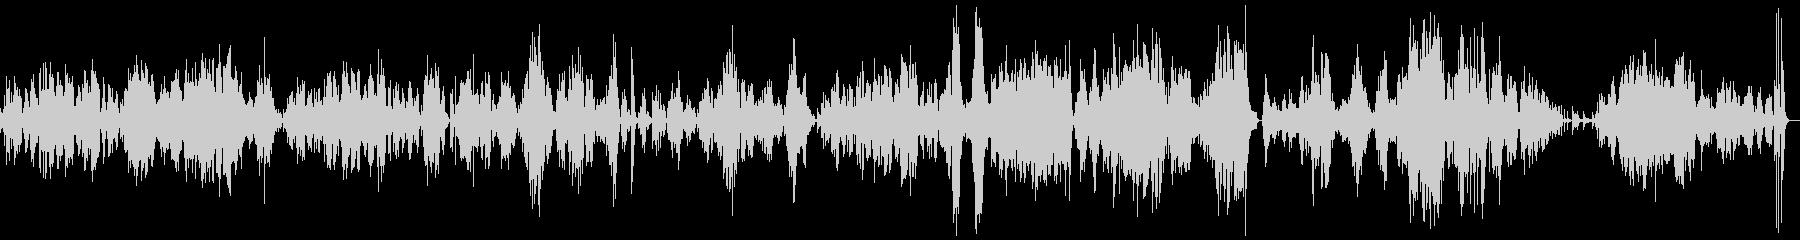 モーツァルトピアノソナタK333第3楽章の未再生の波形